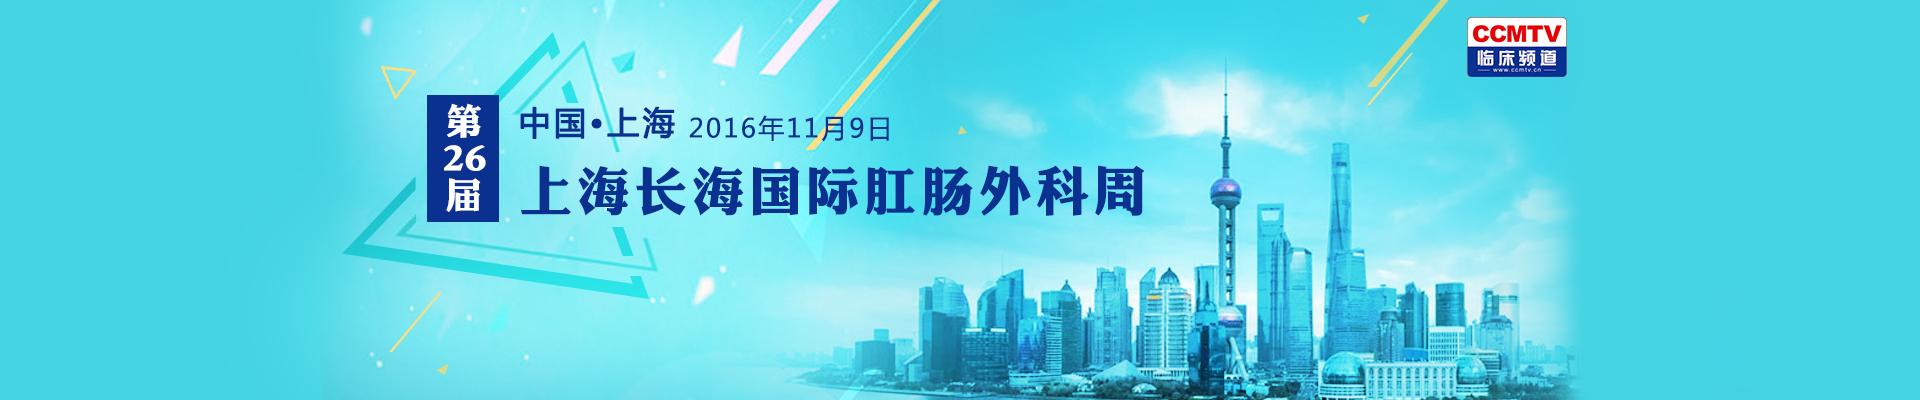 第26届上海长海国际肛肠外科周